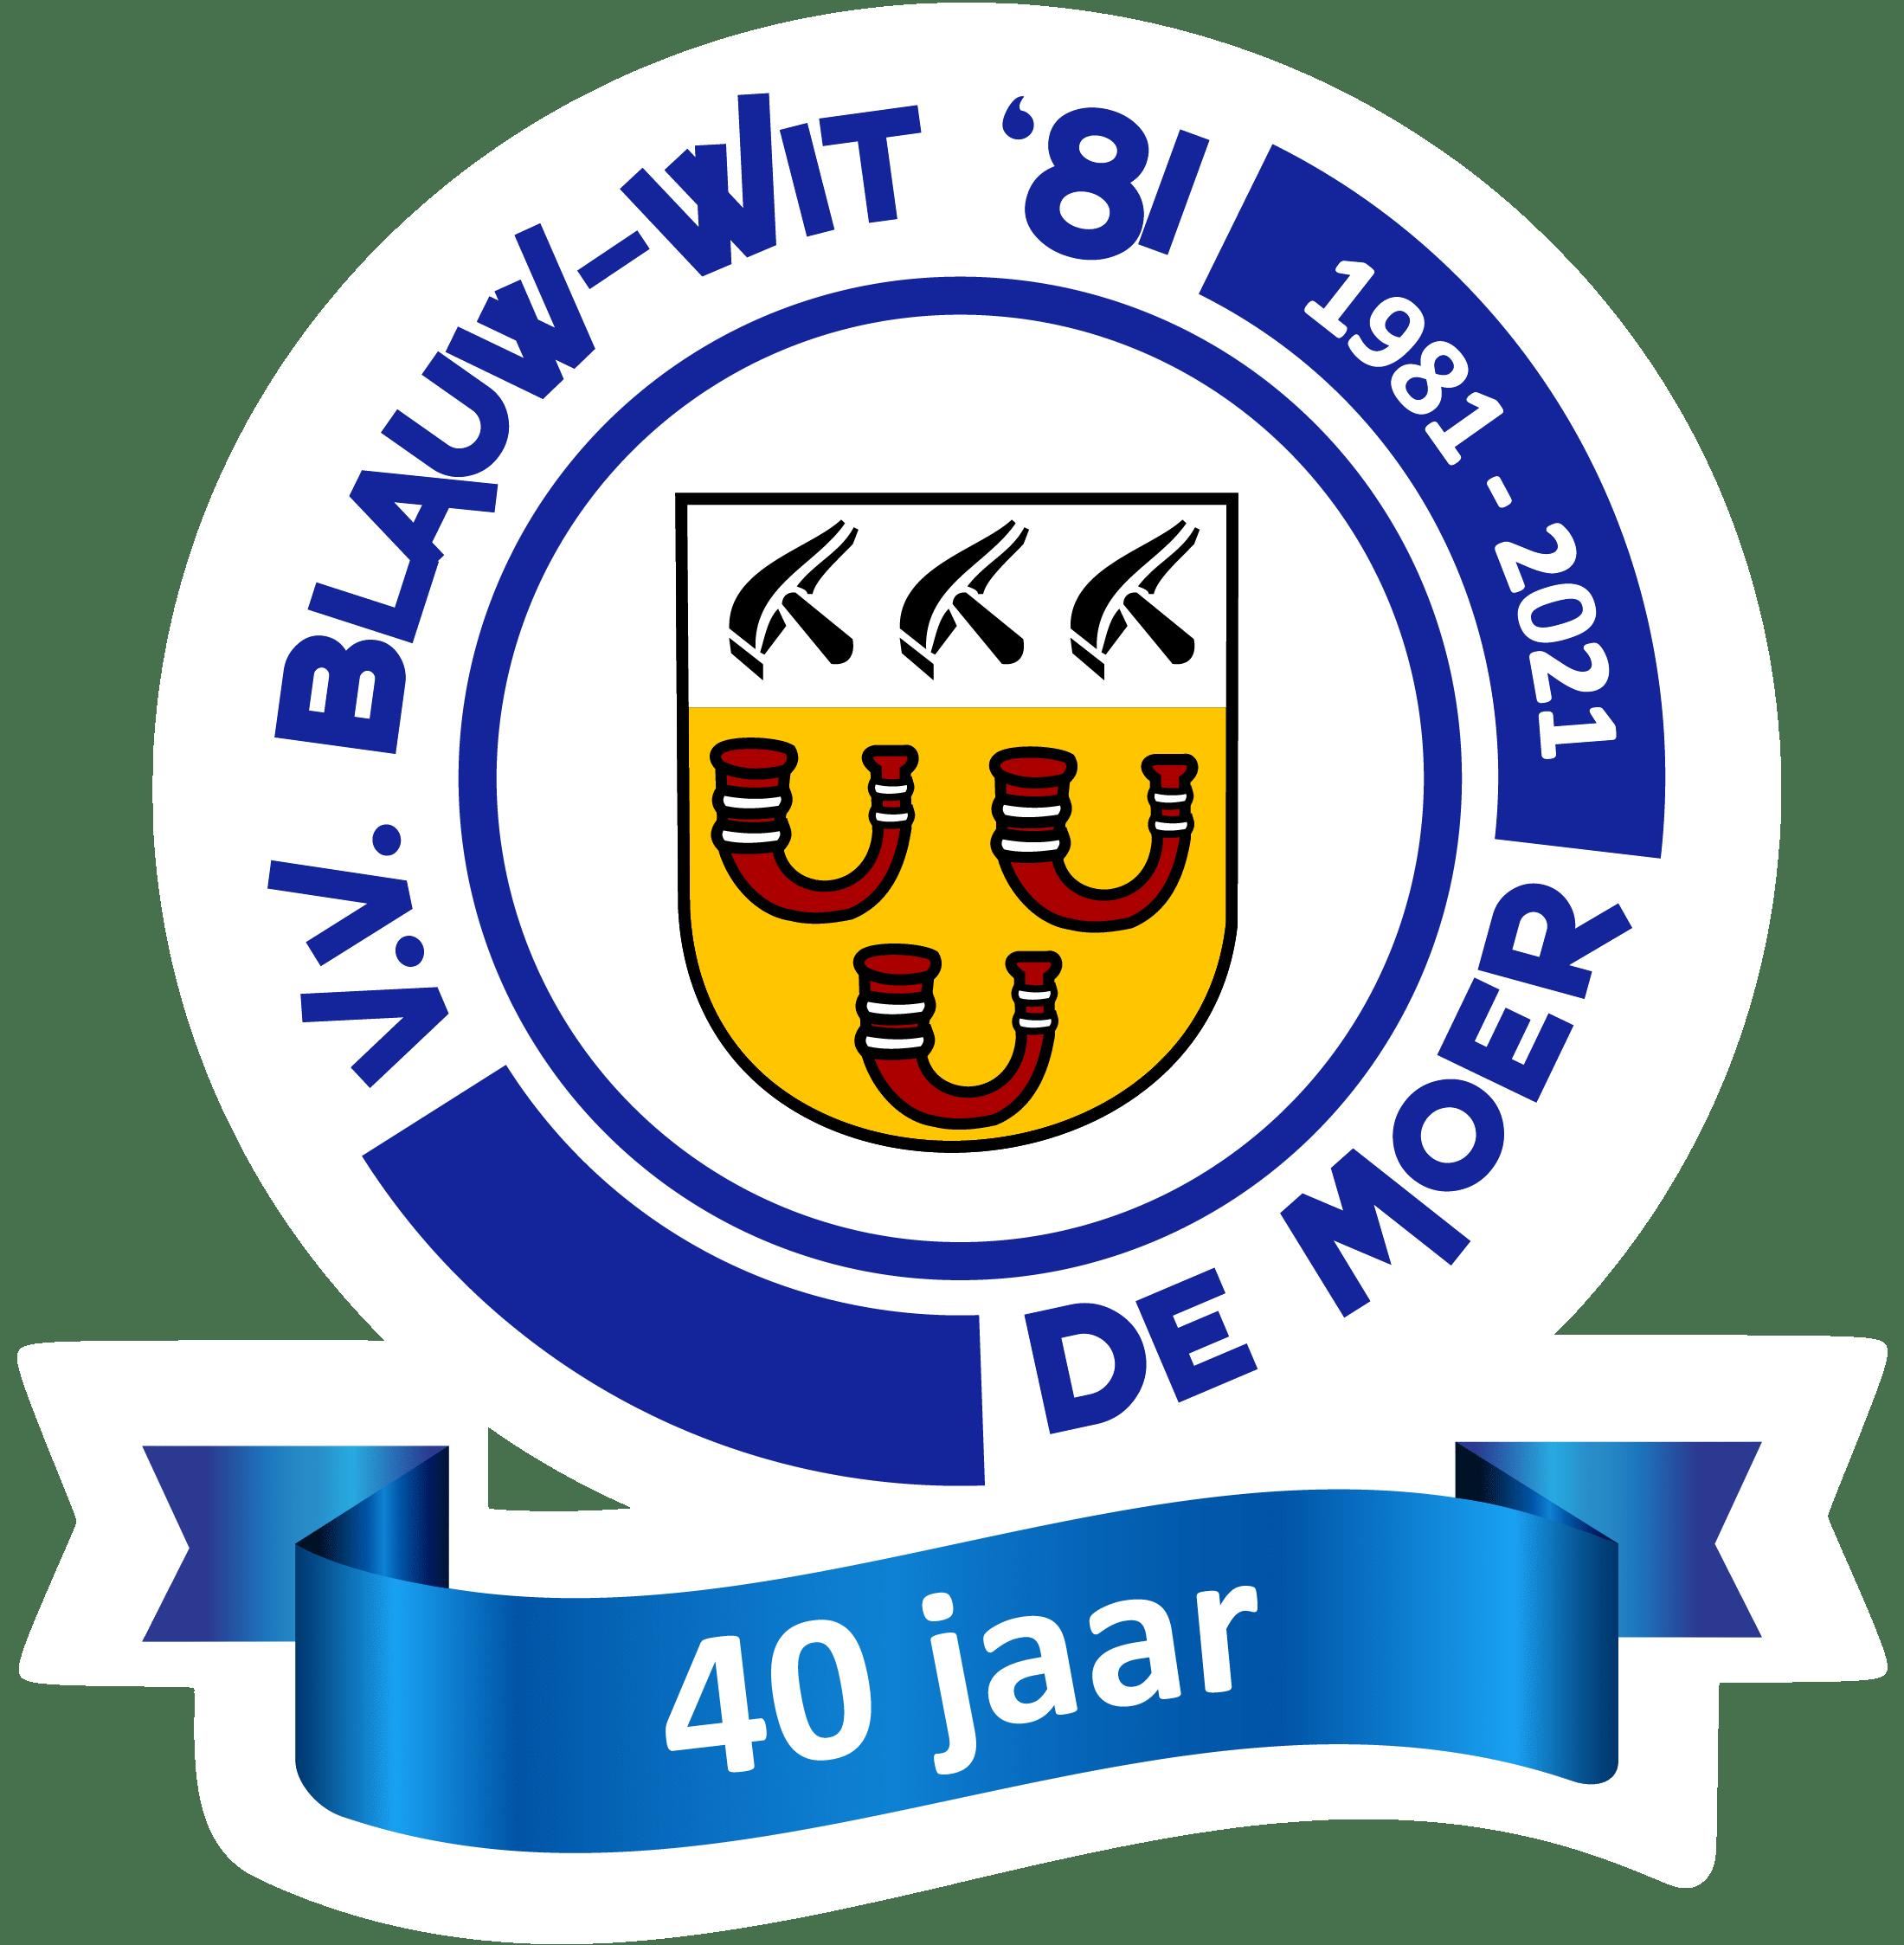 V.V. Blauw-Wit '81